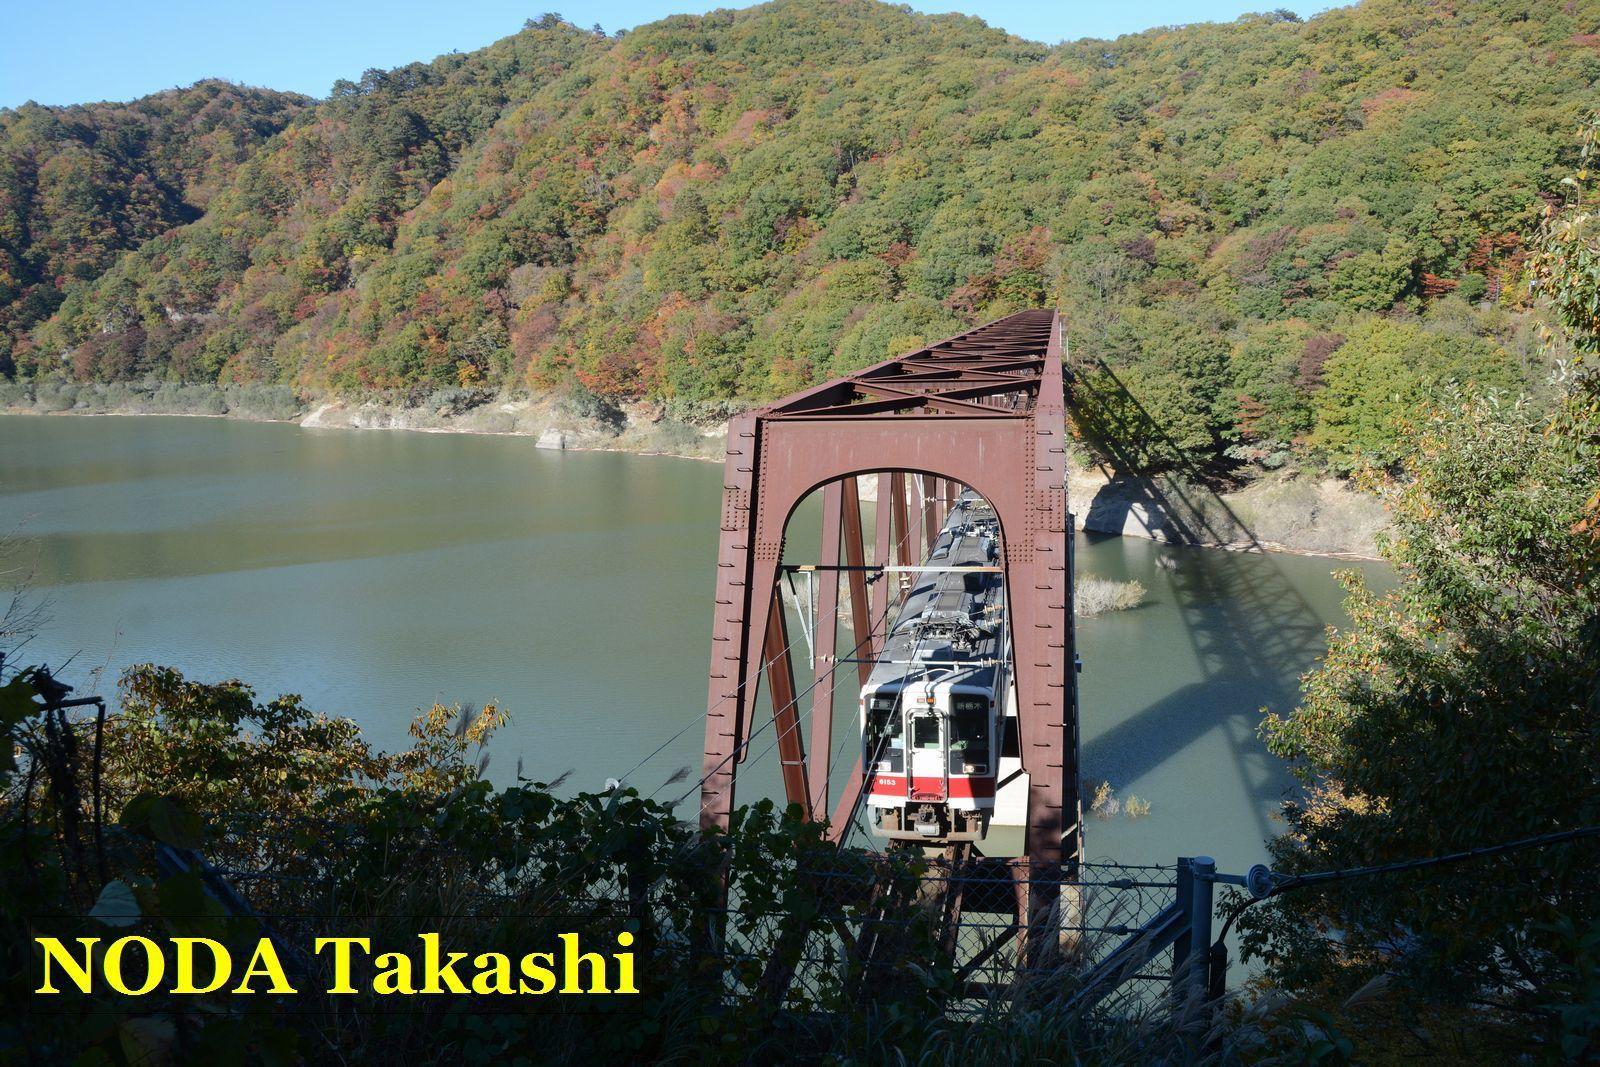 第44回 野岩鉄道で日帰り温泉旅行